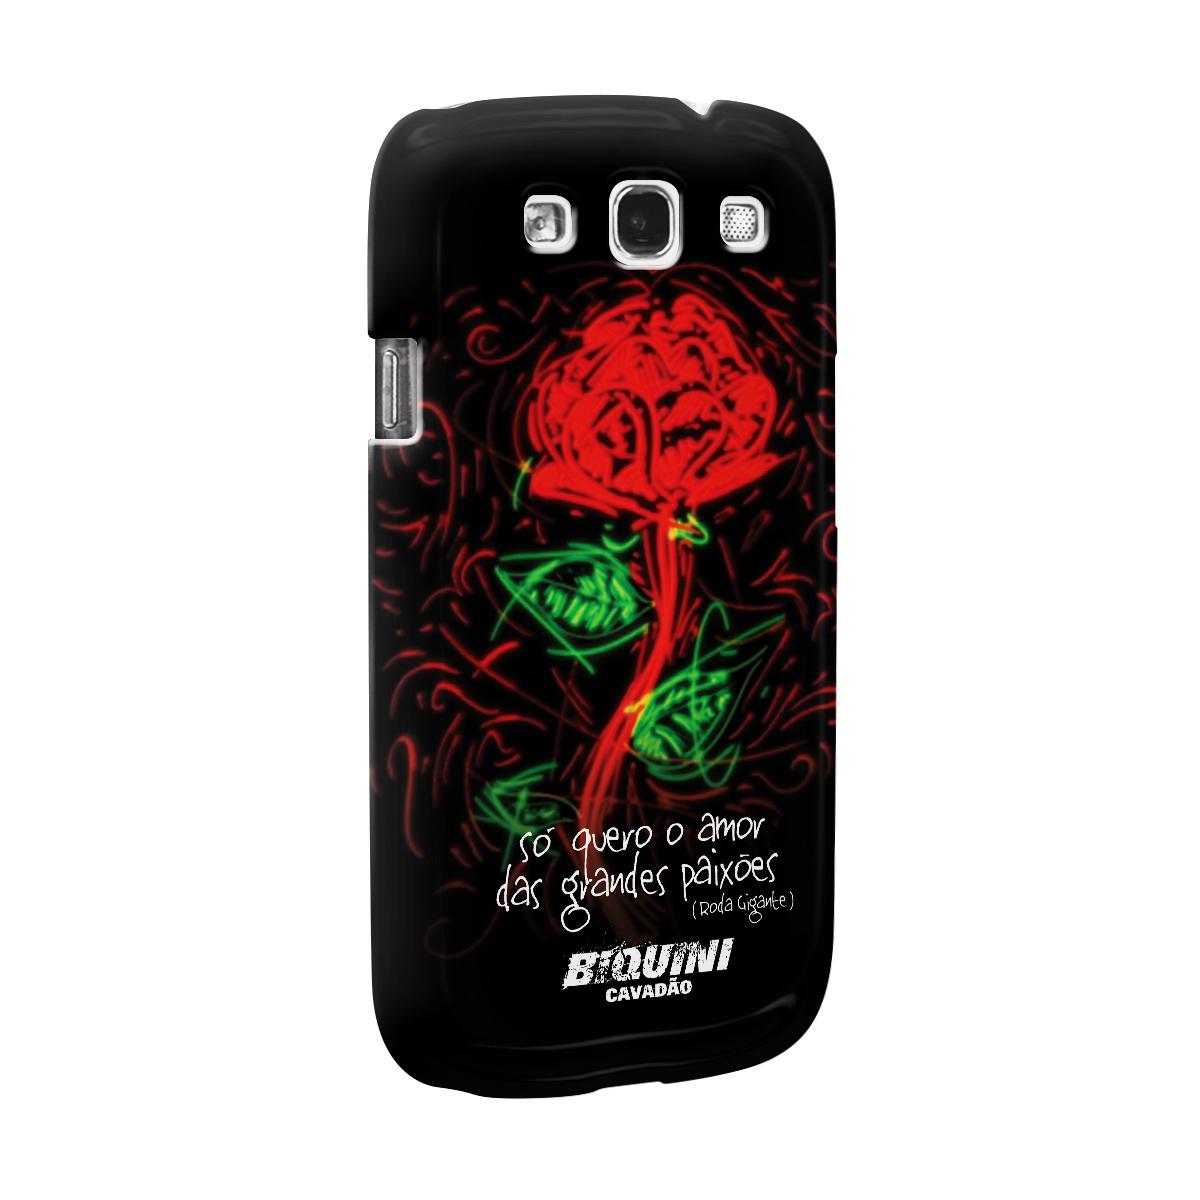 Capa para Samsung Galaxy S3 Biquini Cavadão Só Quero o Amor das Grandes Paixões